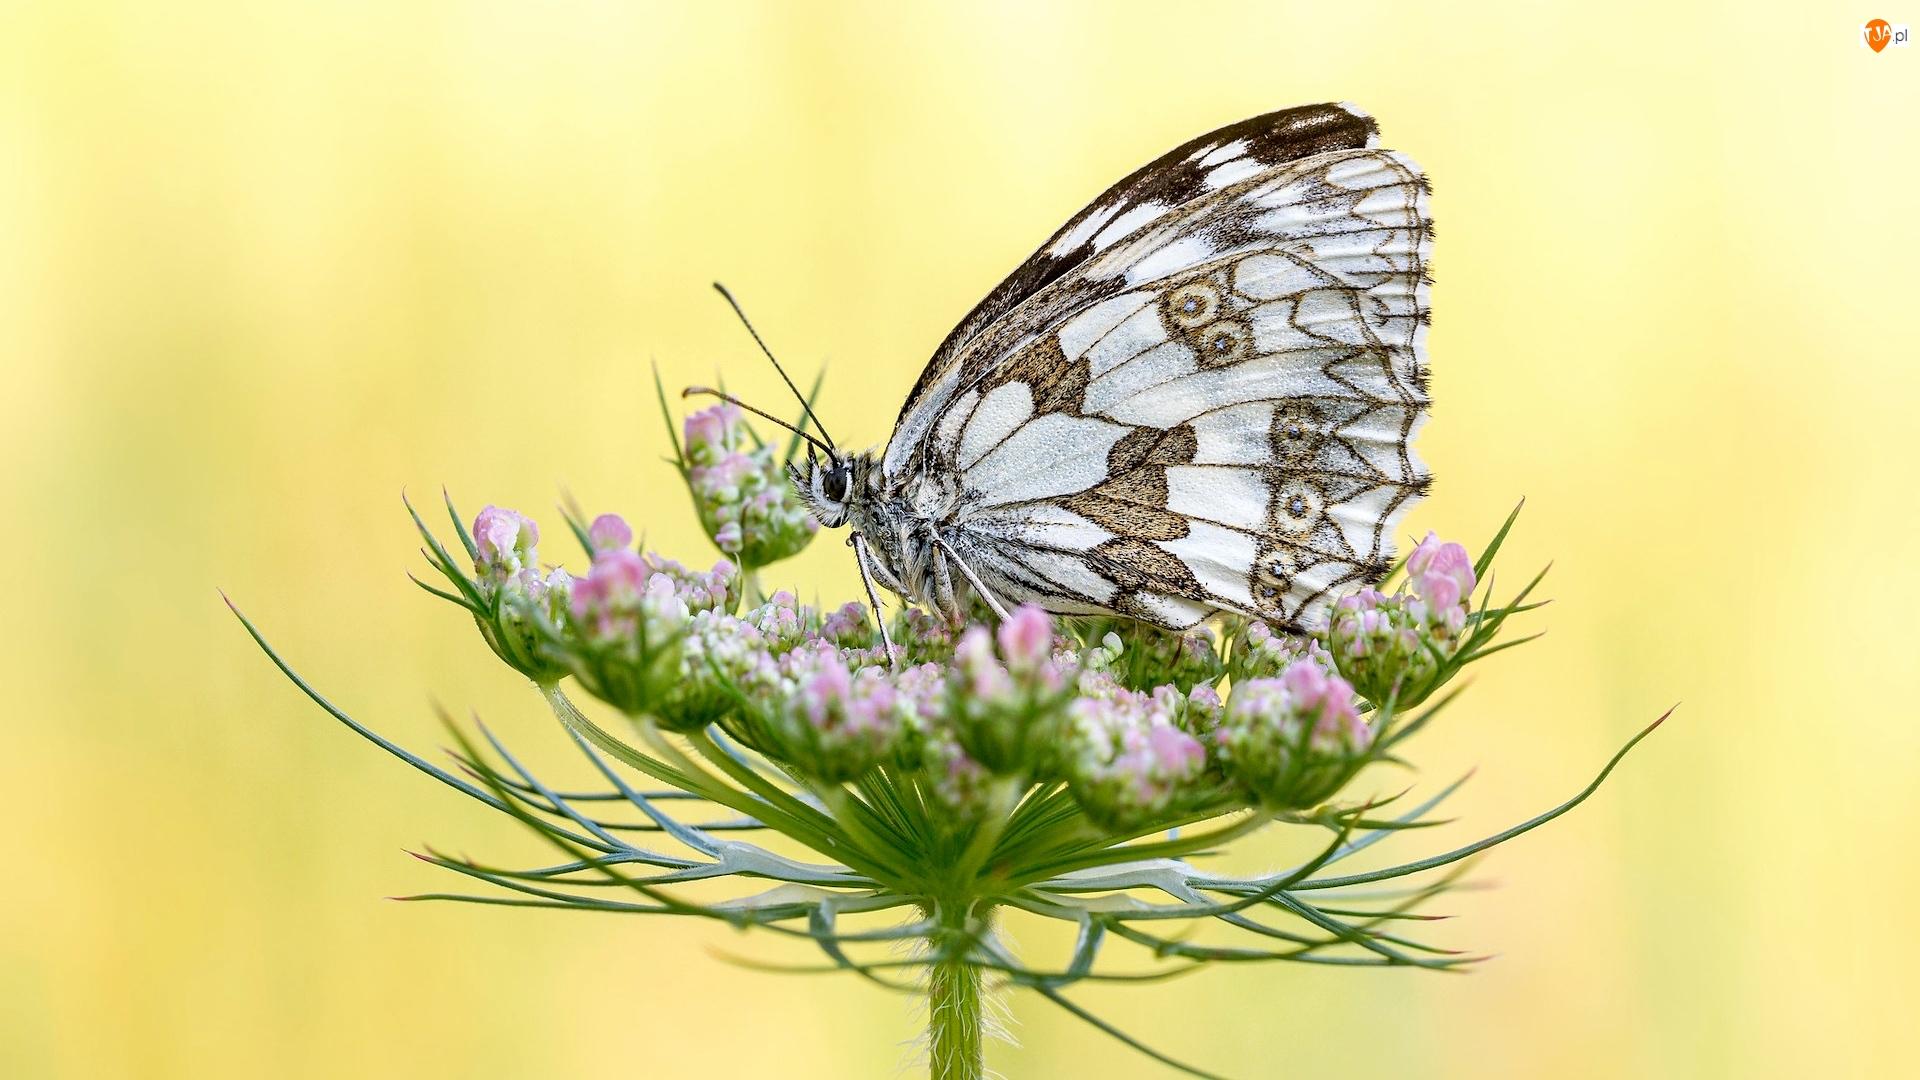 Żółte tło, Motyl, Polowiec szachownica, Roślina